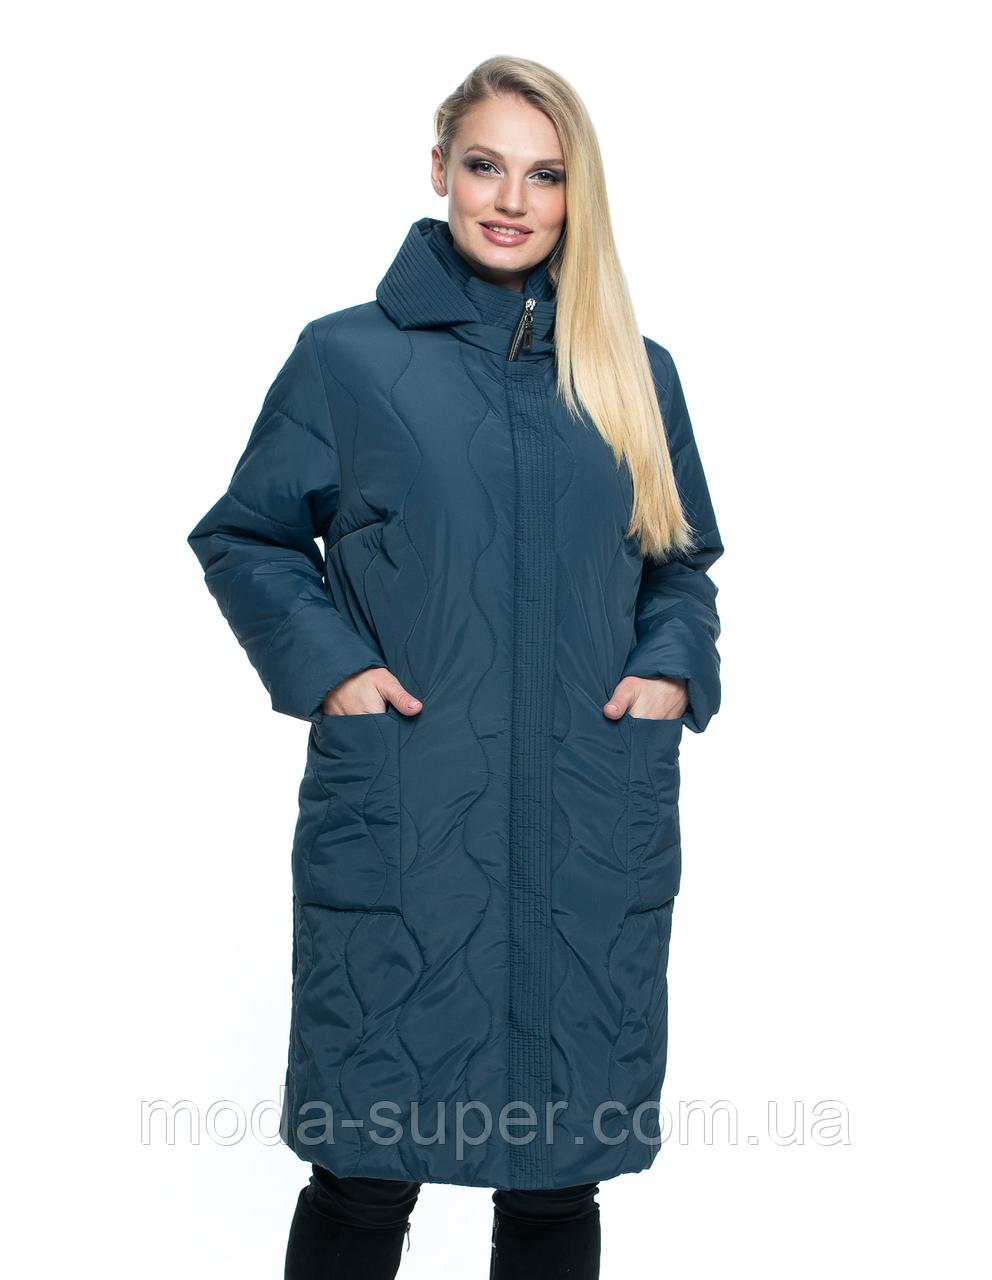 Куртка женская больших размеров рр 54-70